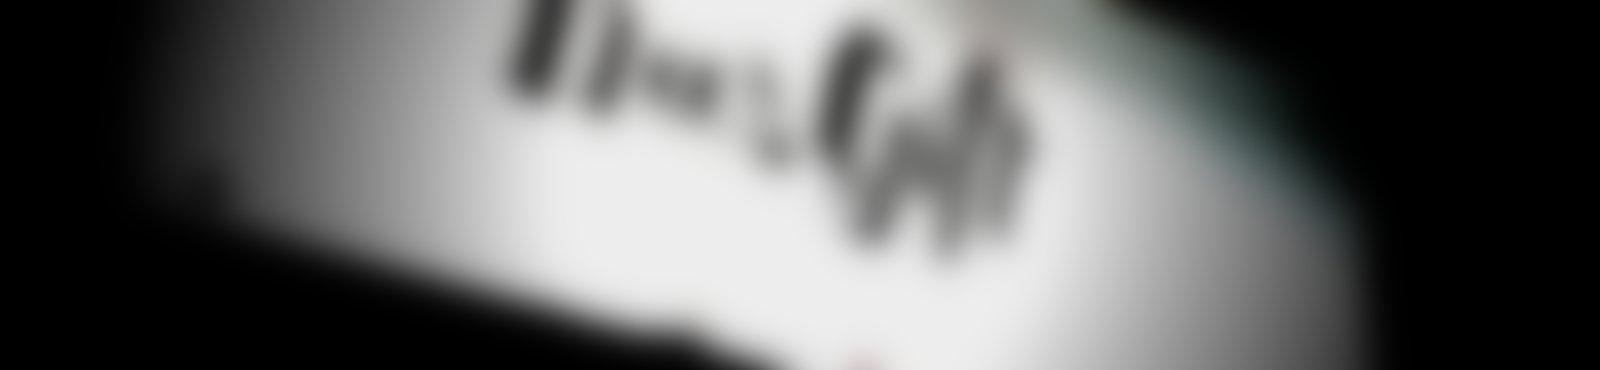 Blurred 227129 202165566485302 2410119 n